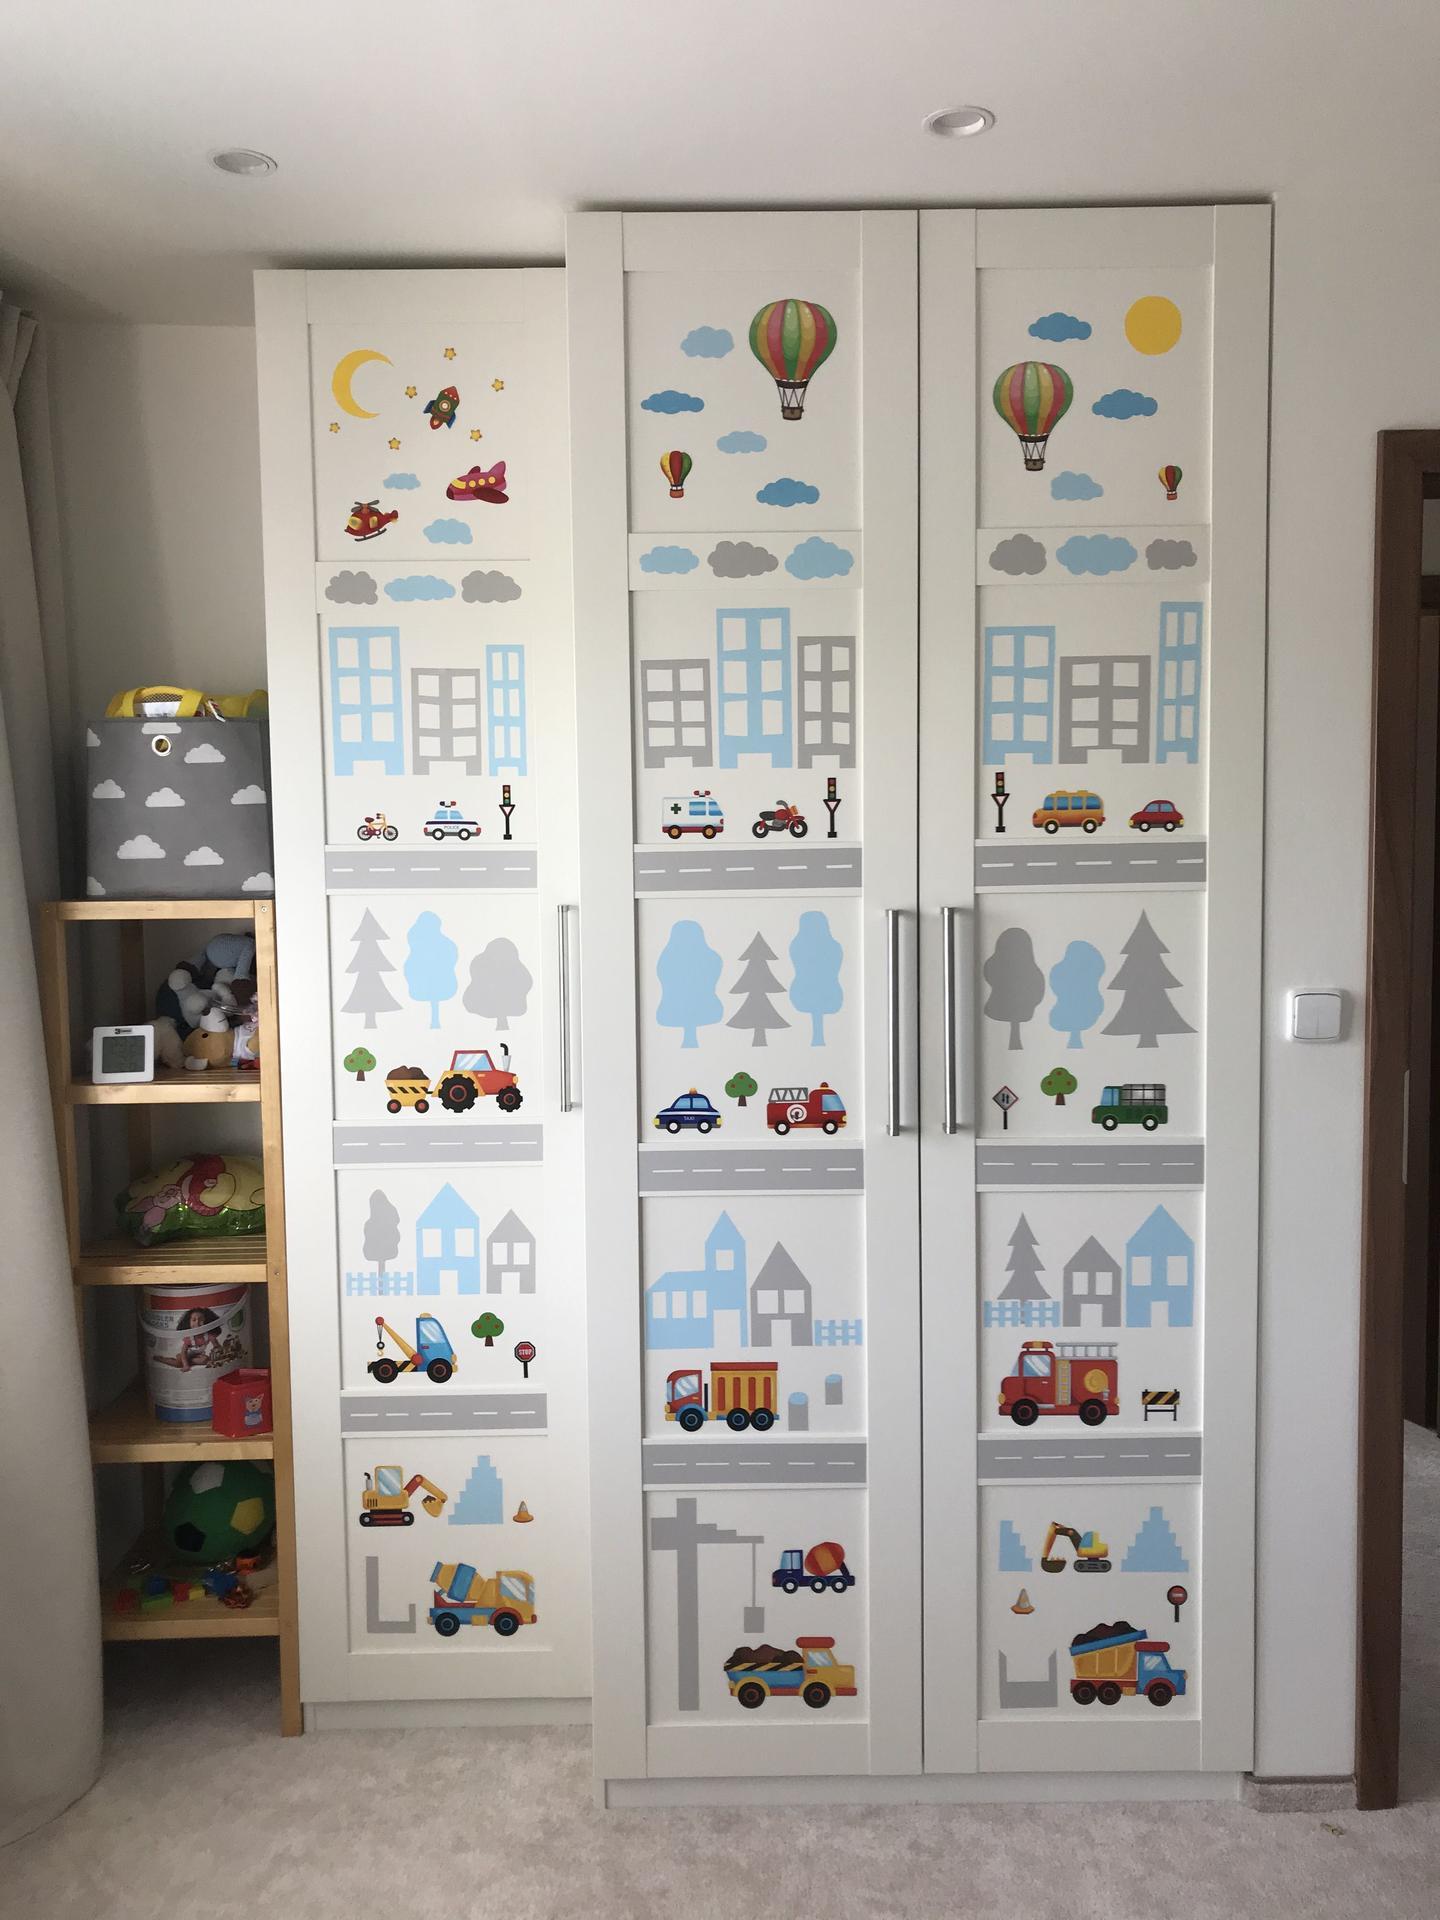 Maťkova izba - Nálepky na skrini hotové. Tie farebné časti (autíčka atď) sú z dvoch kúpených sád, zvyšok (šedé a modré prvky) som vystrihala zo samolepiacej fólie.